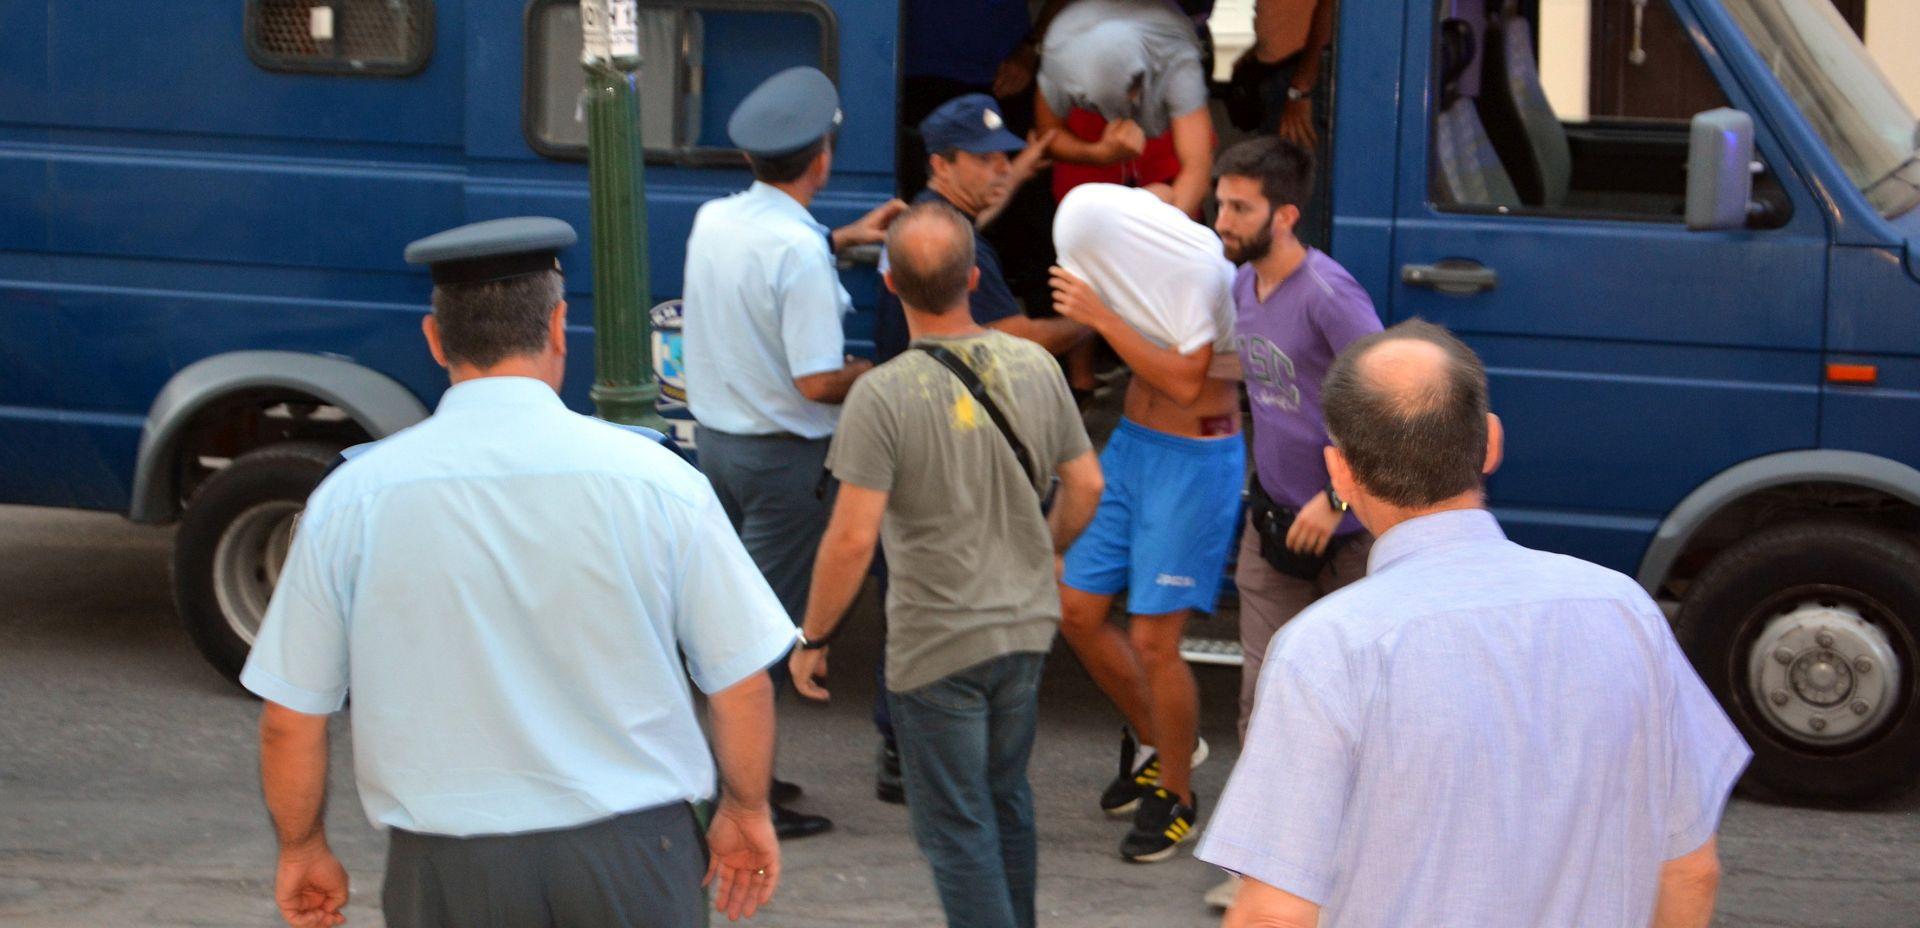 Grčka policija uhitila Srbina zbog ubojstva američkog turista